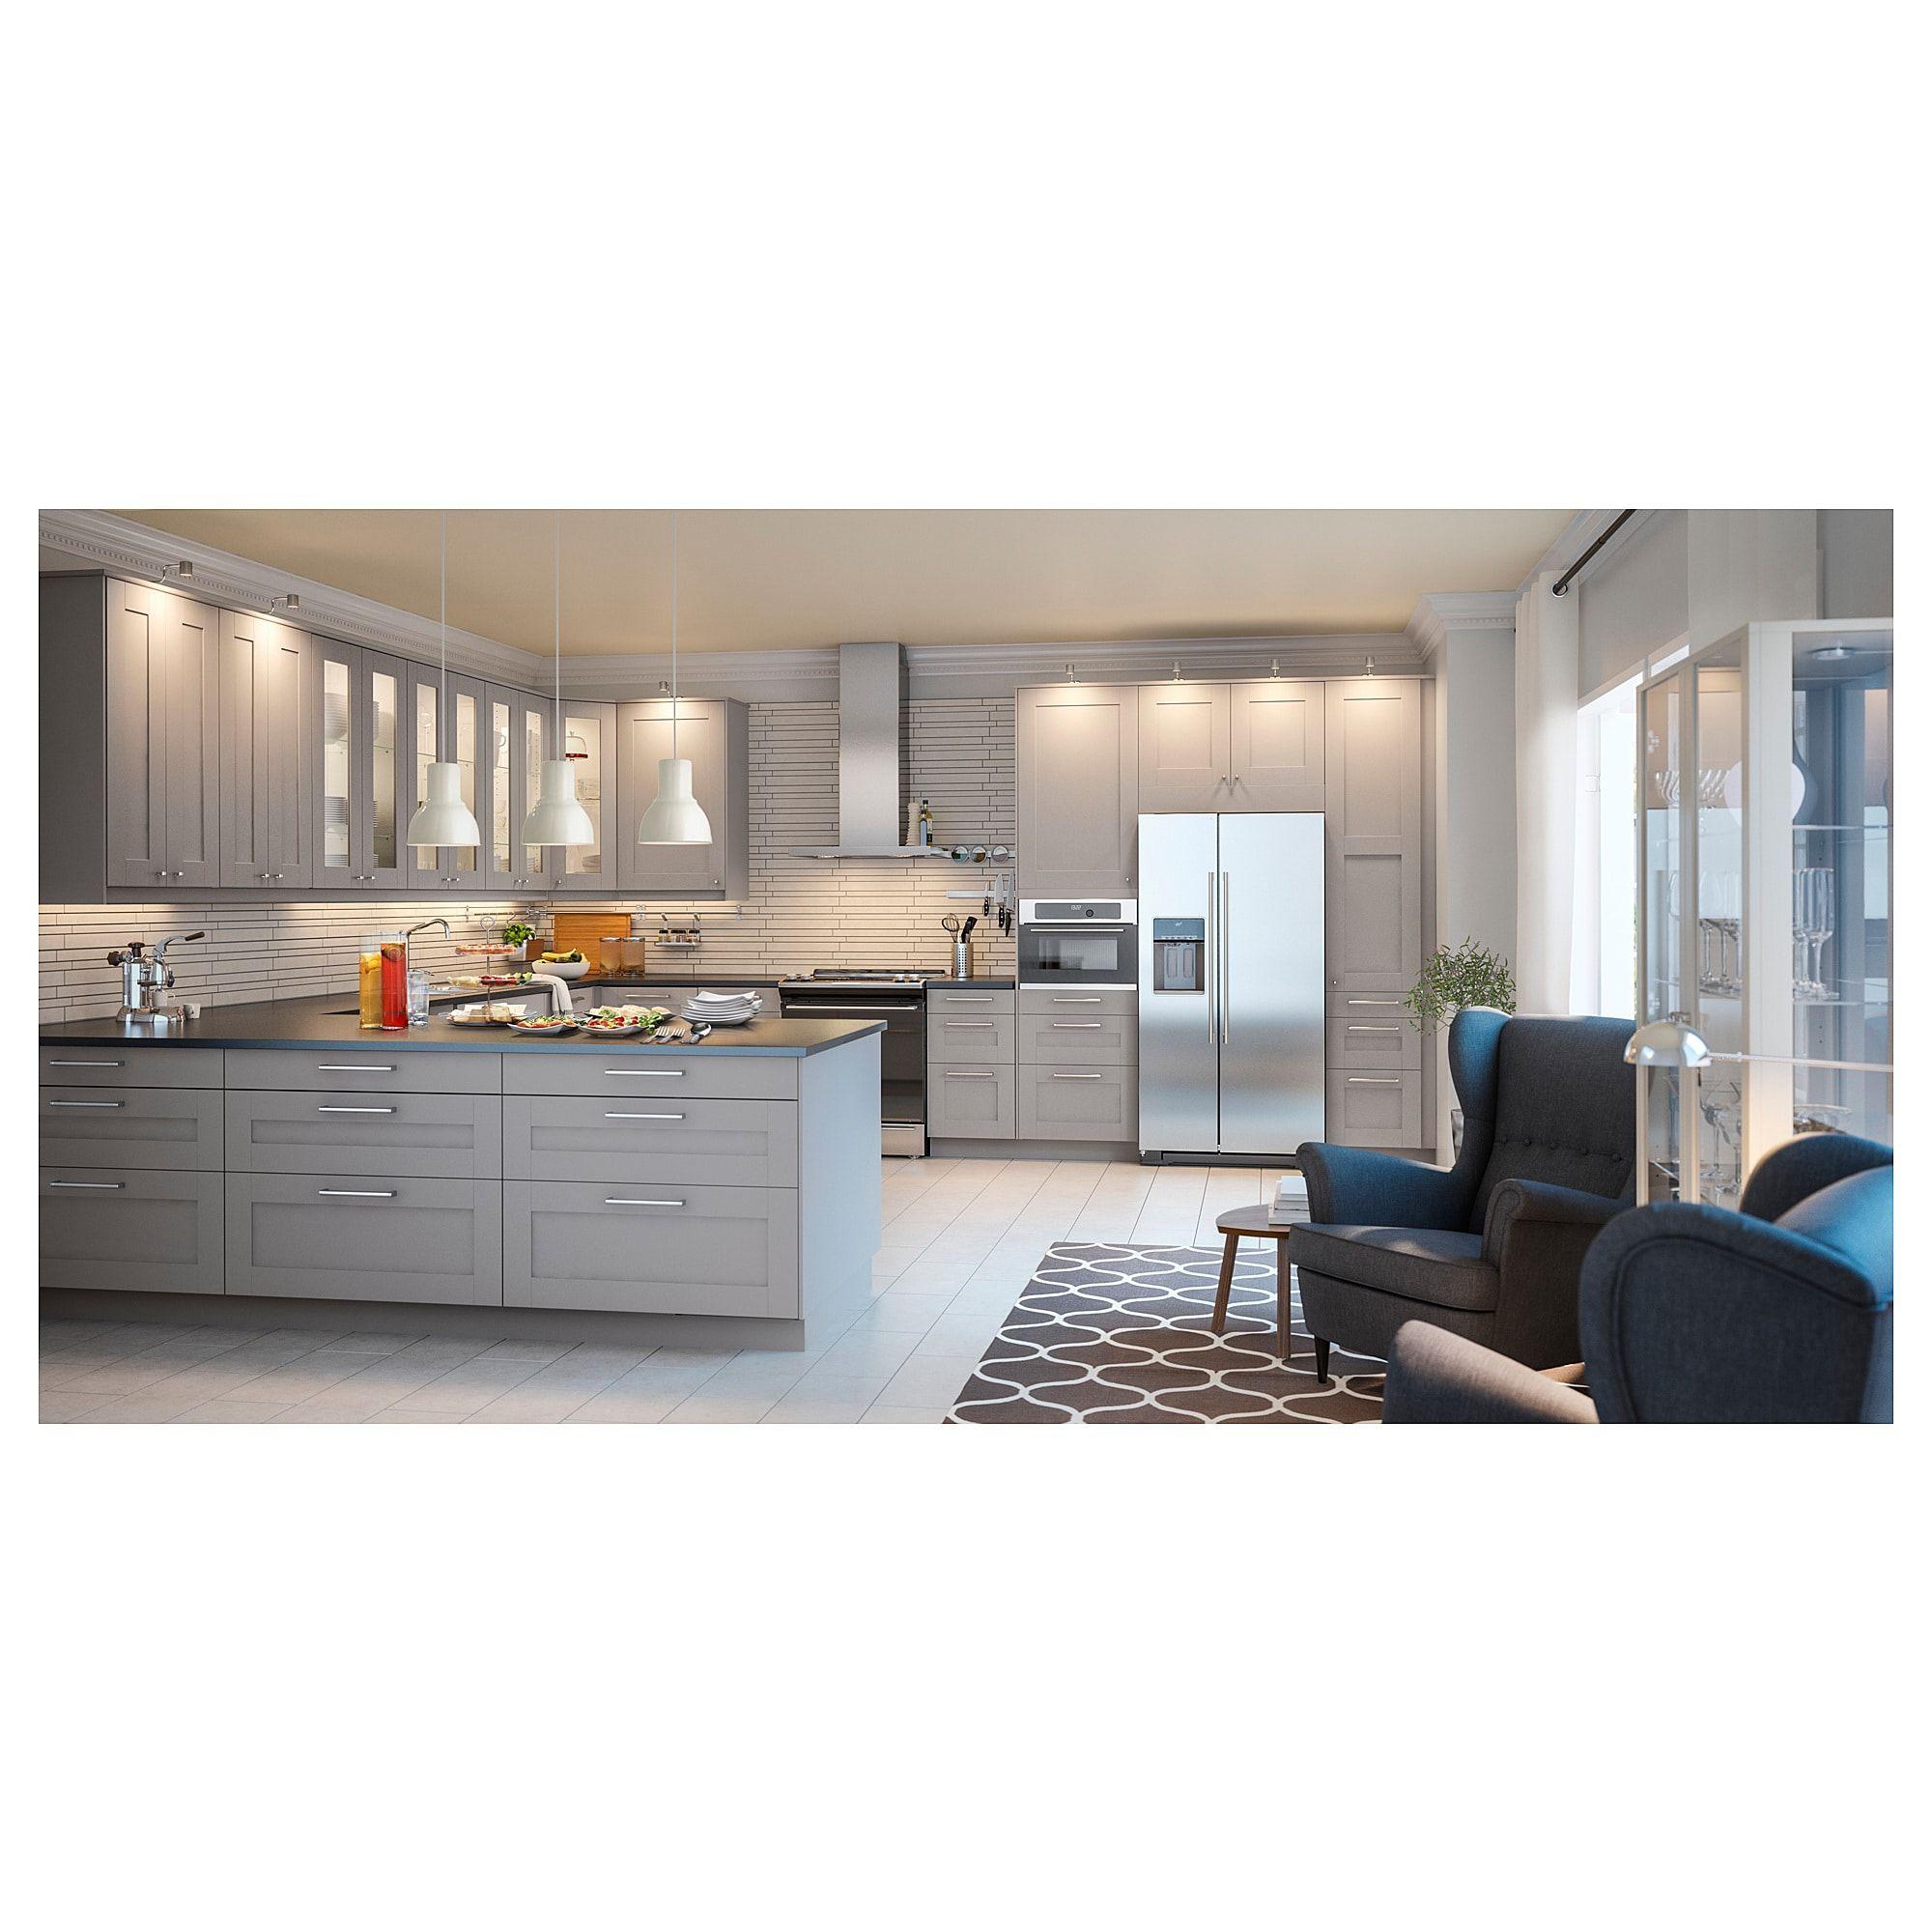 Ikea Grimslov 2 P Door Corner Base Cabinet Set Gray In